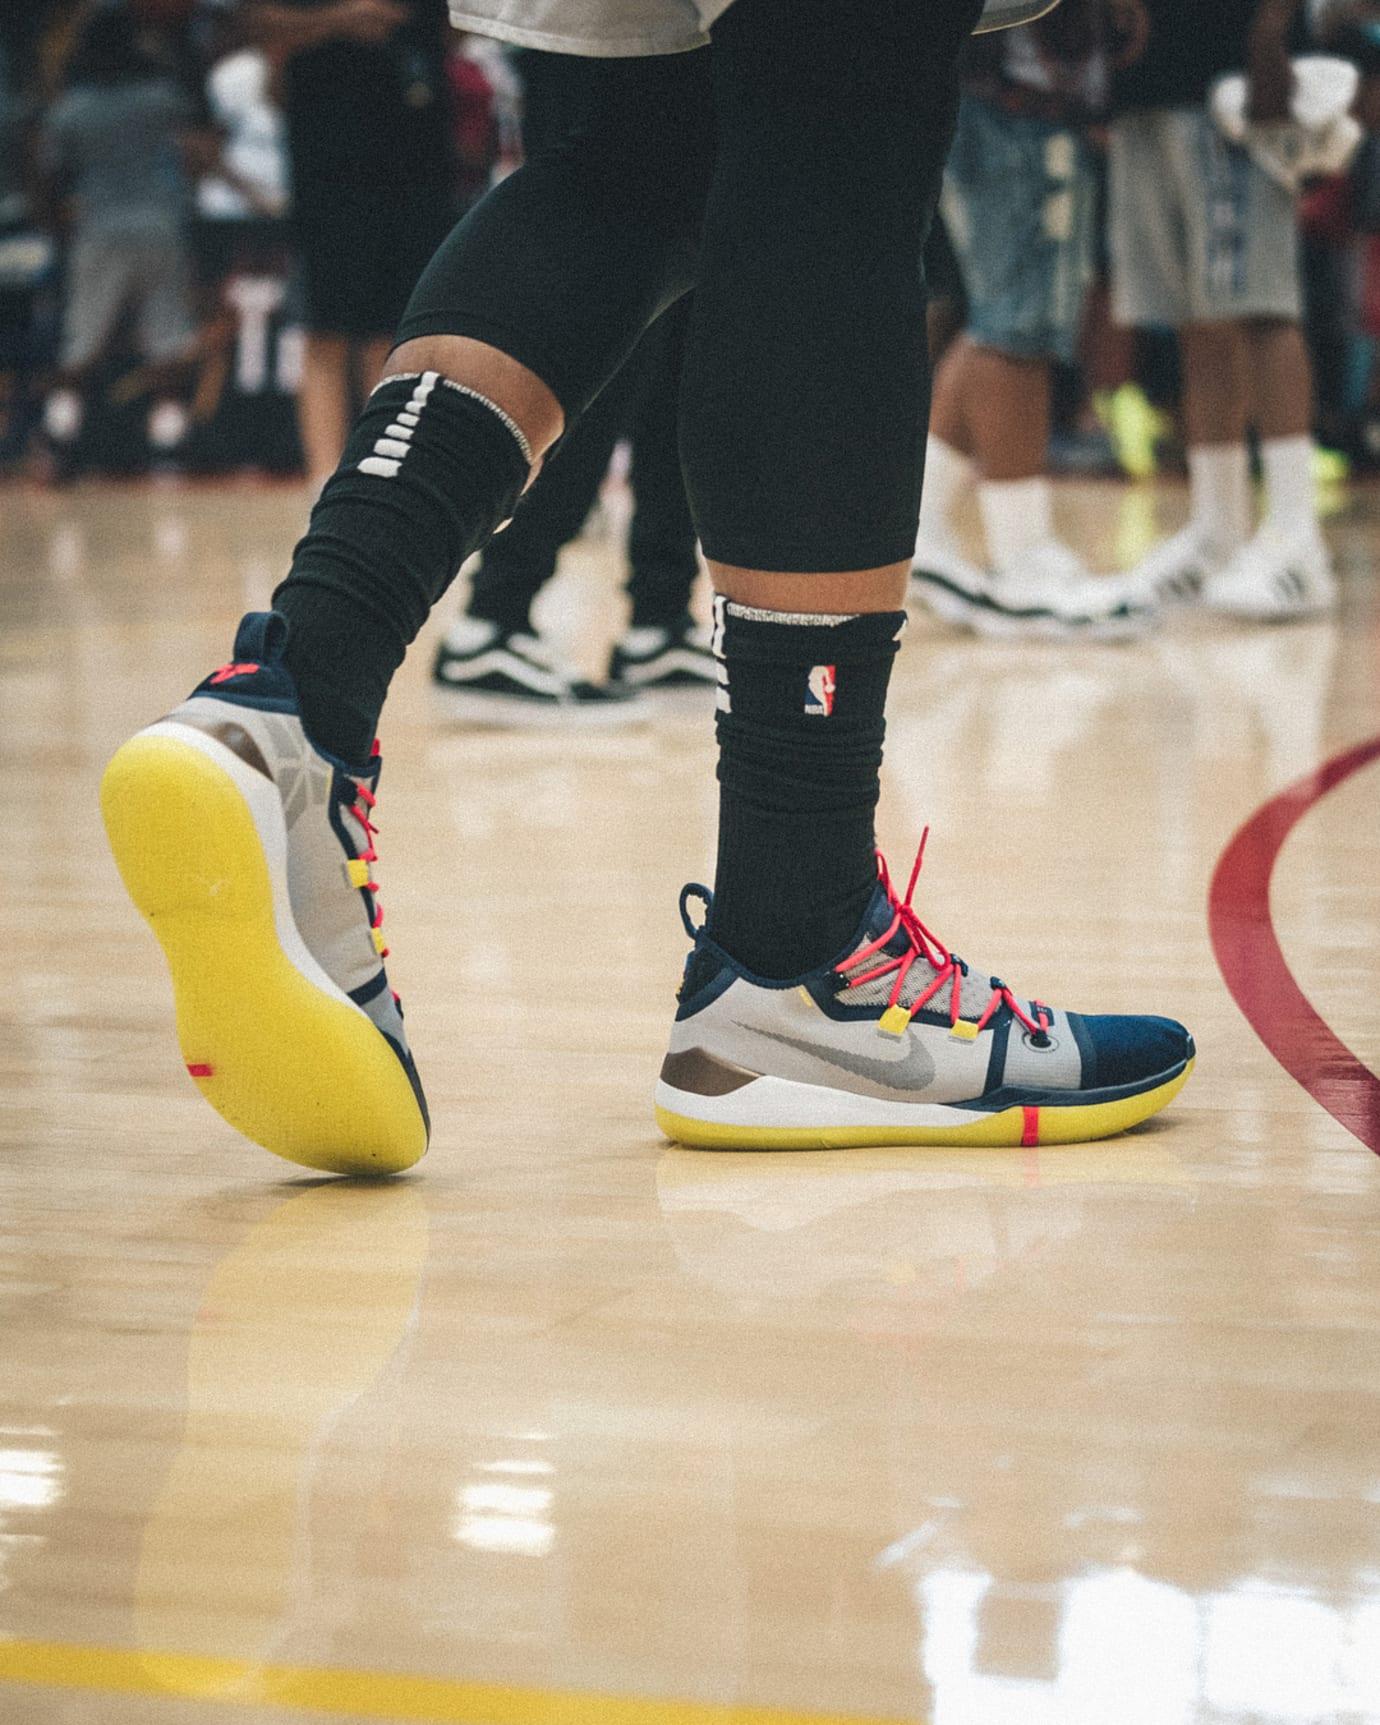 Nike Kobe A.D. 2018 DeMar DeRozan Sole